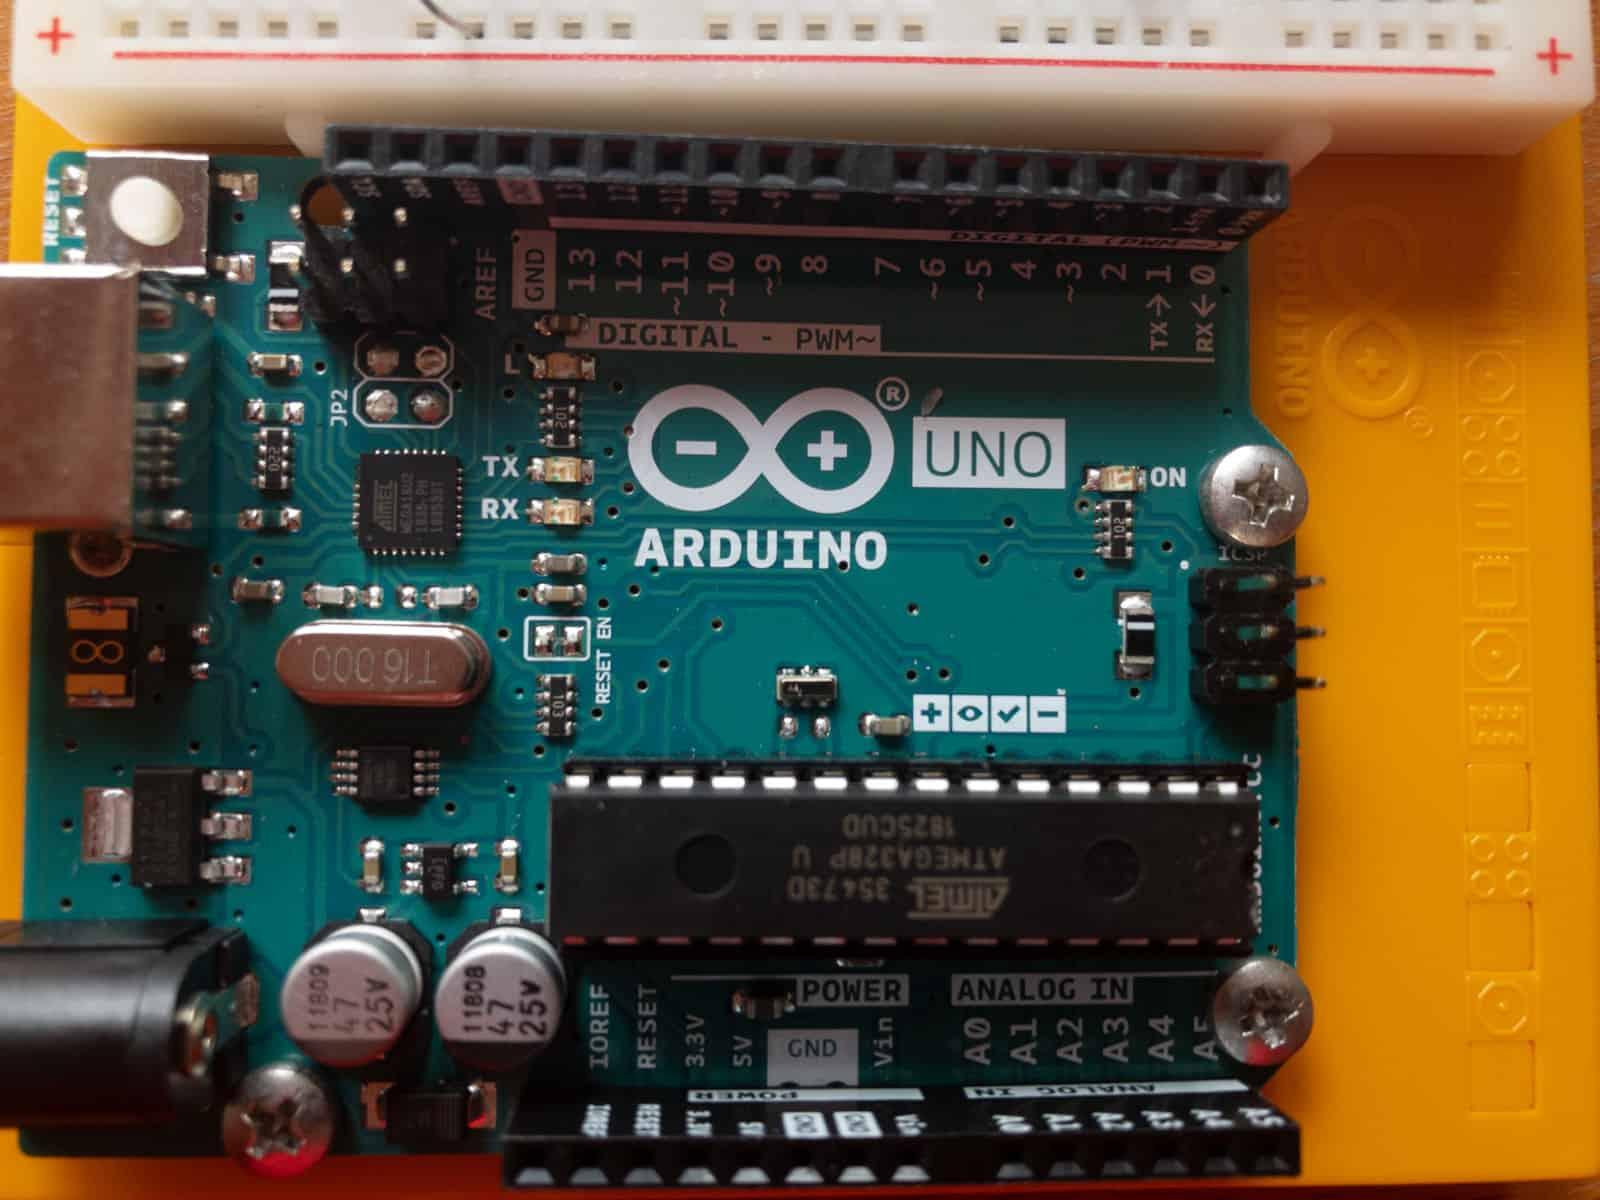 Einstieg in die Welt von Arduino